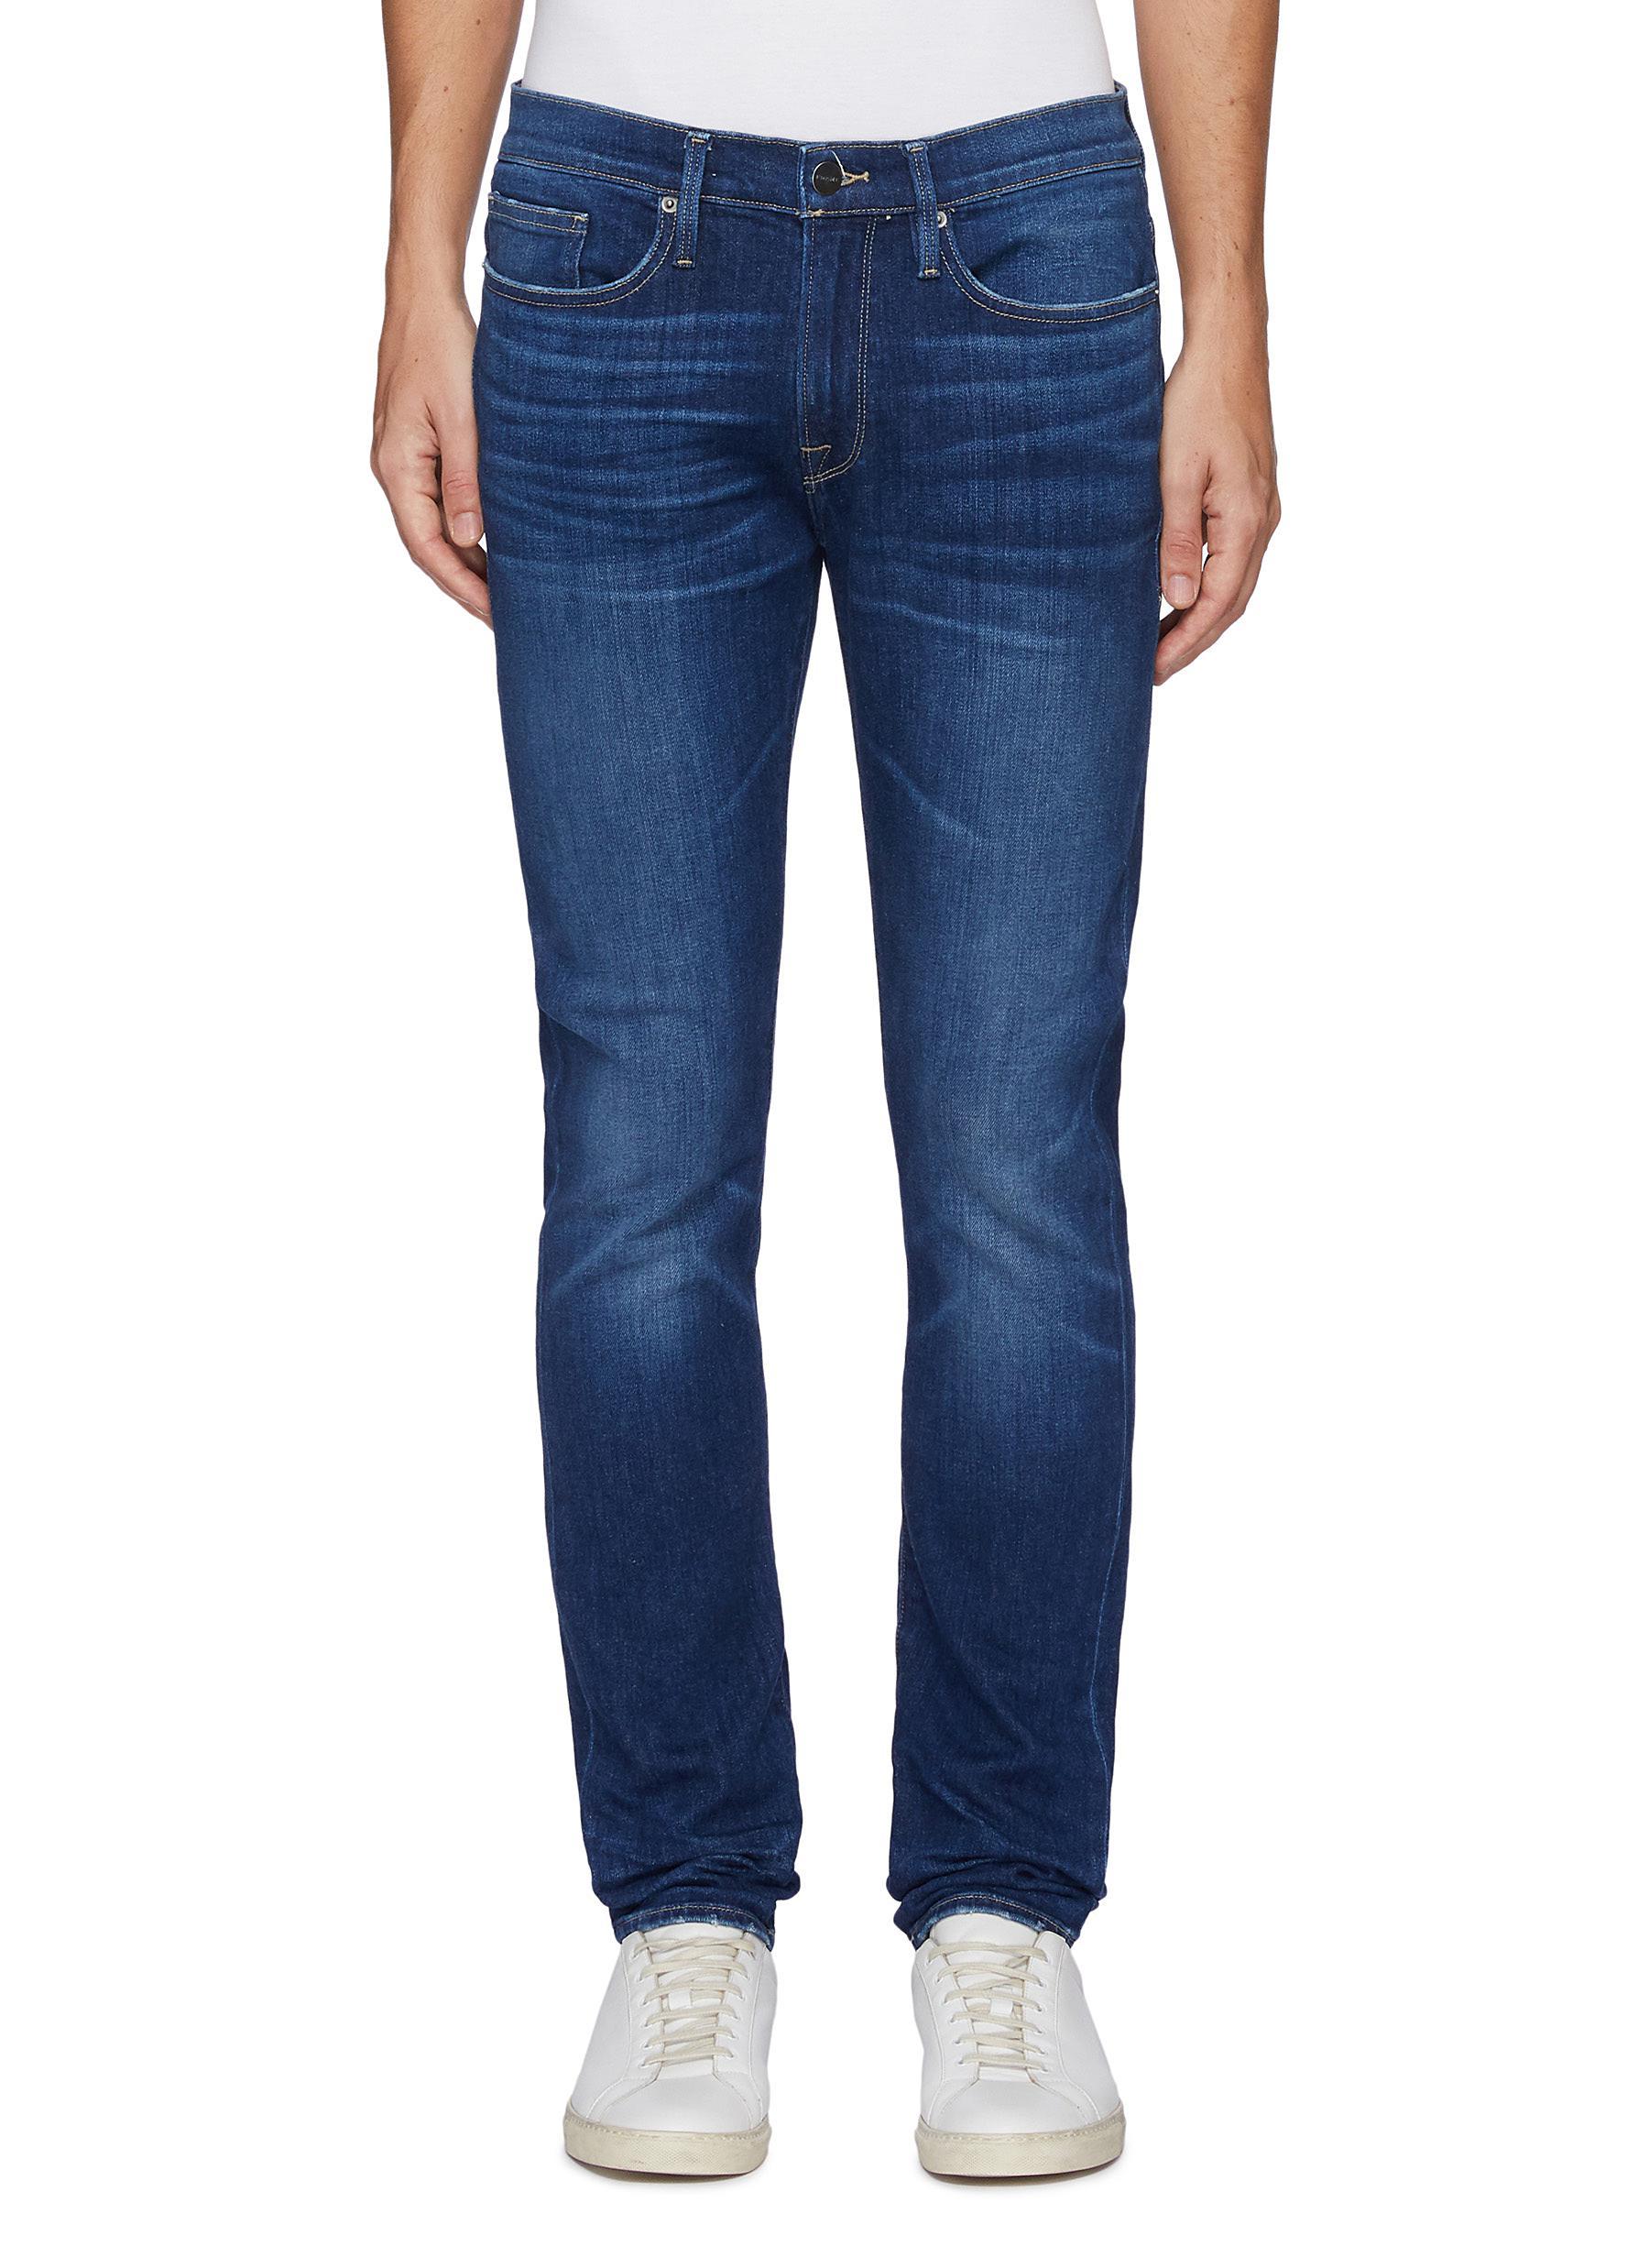 'L'Homme' skinny whiskered denim jeans